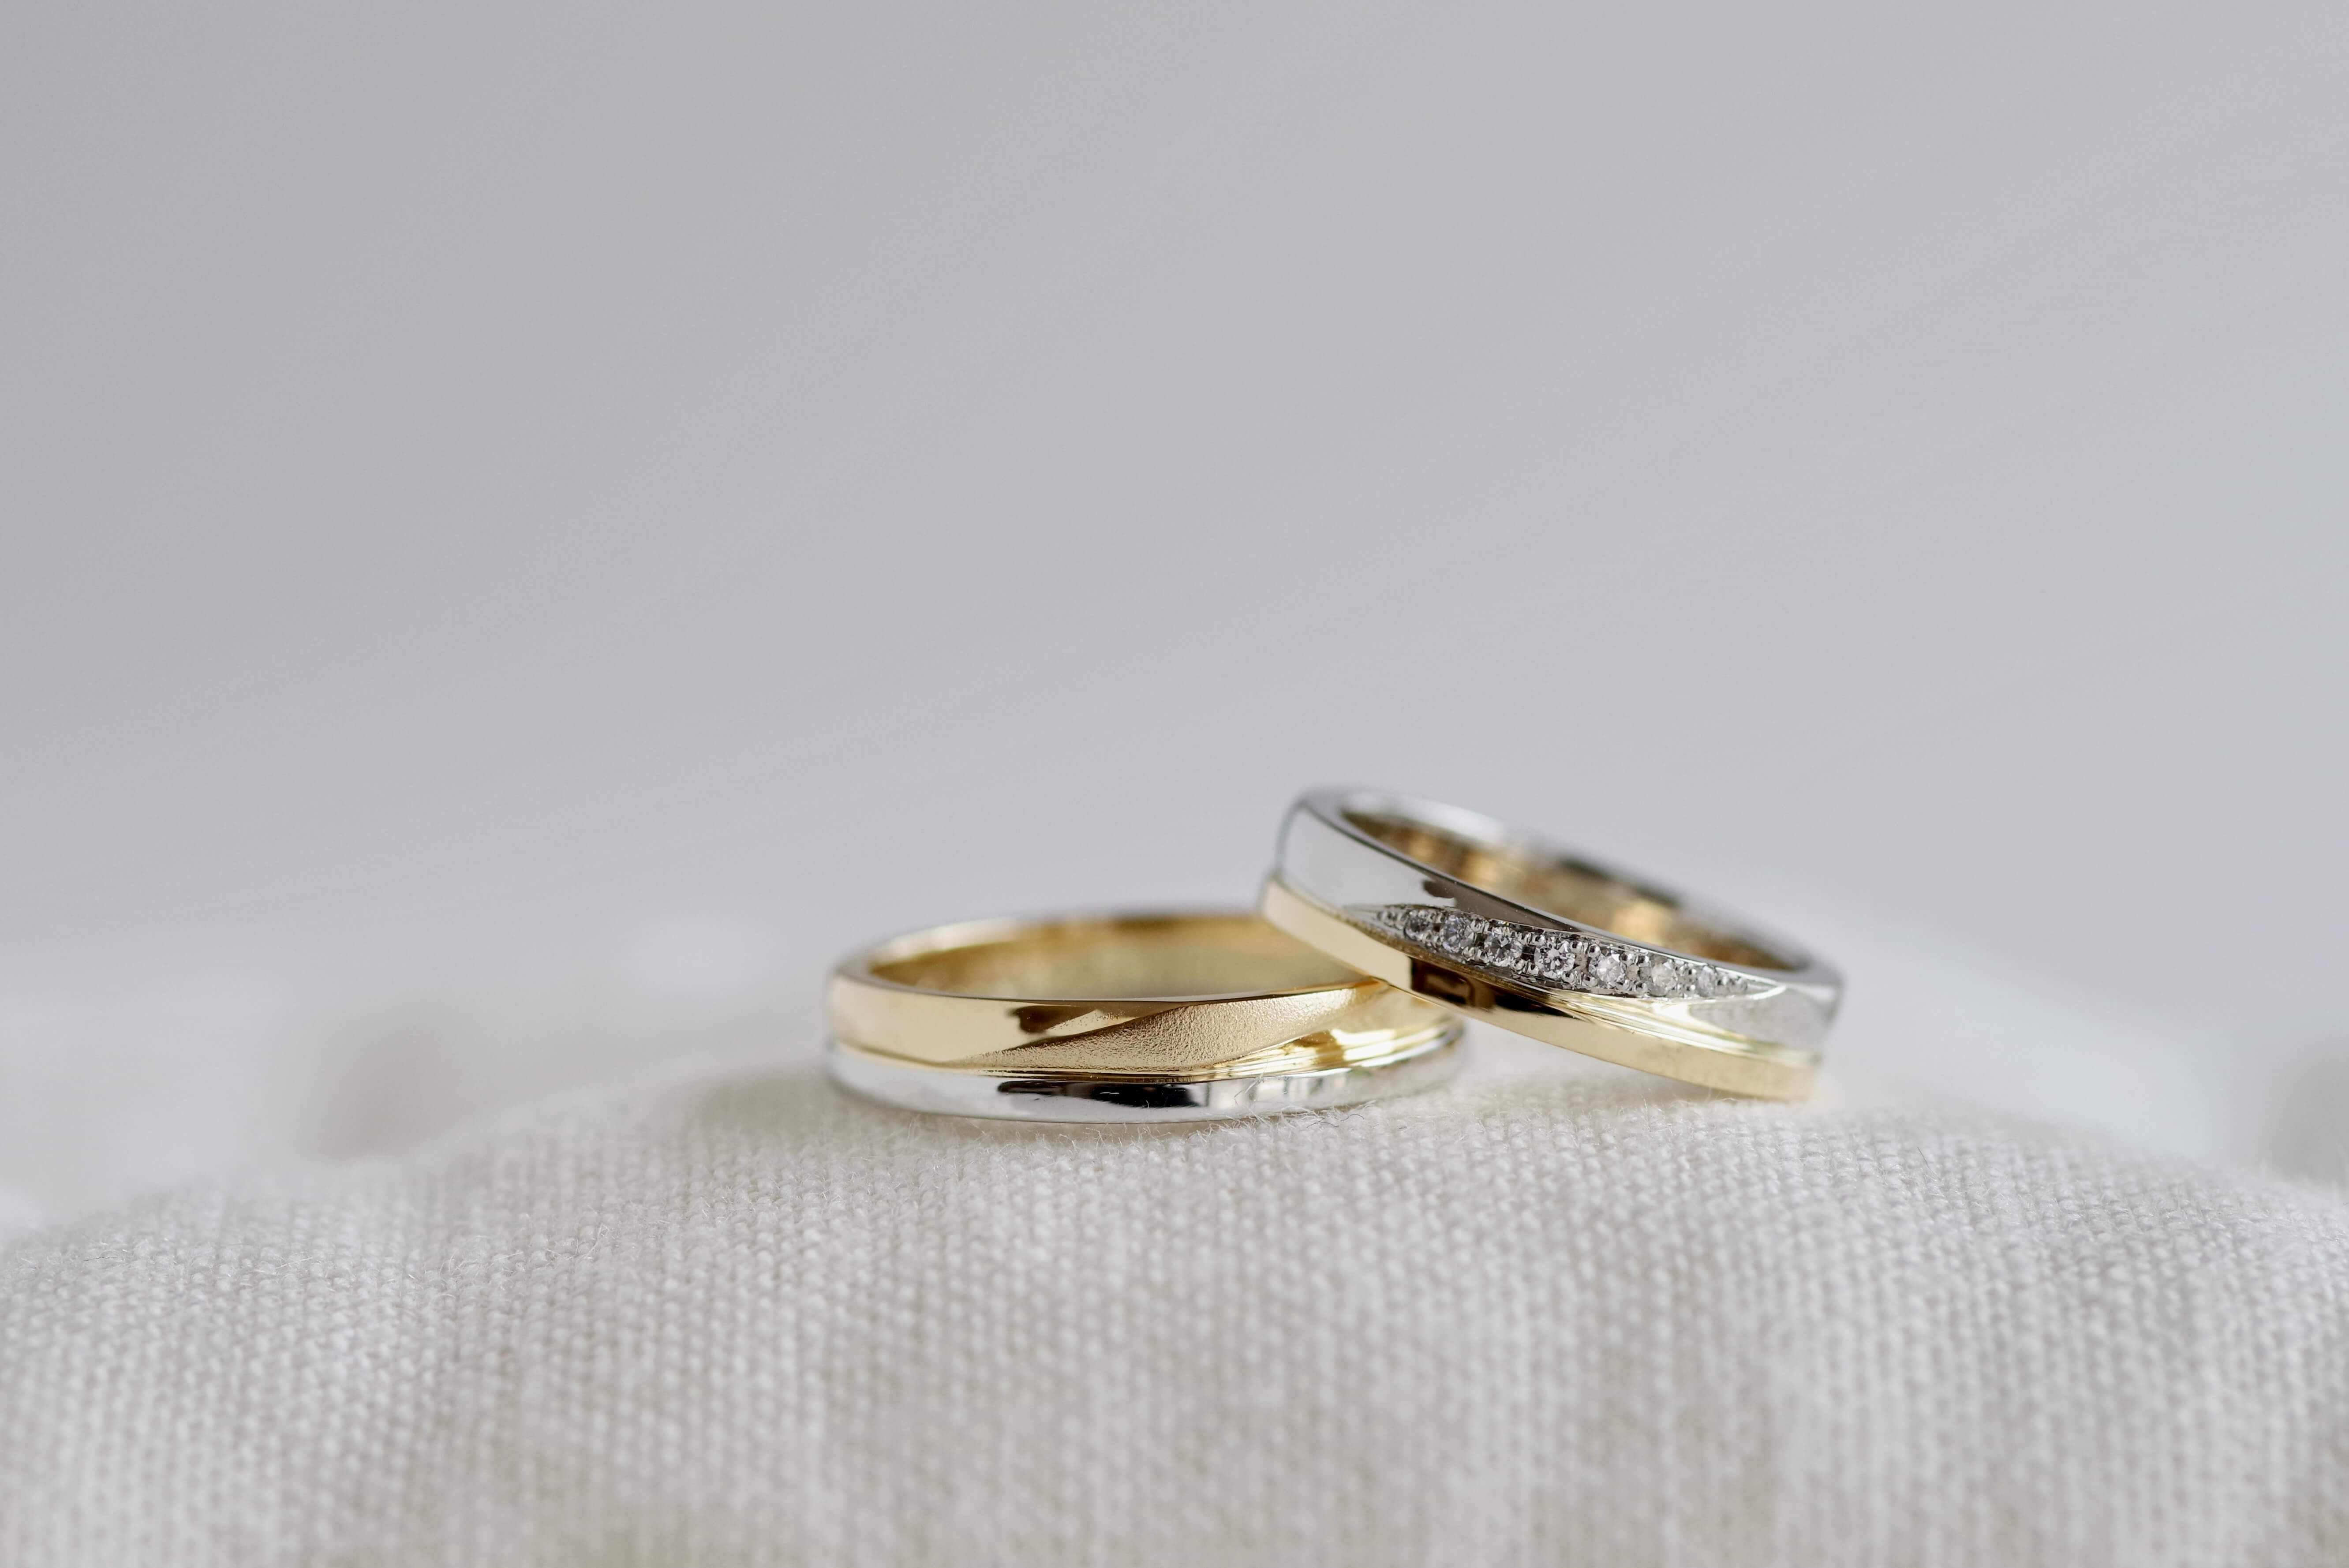 結婚指輪 オーダーメイド コンビネーション